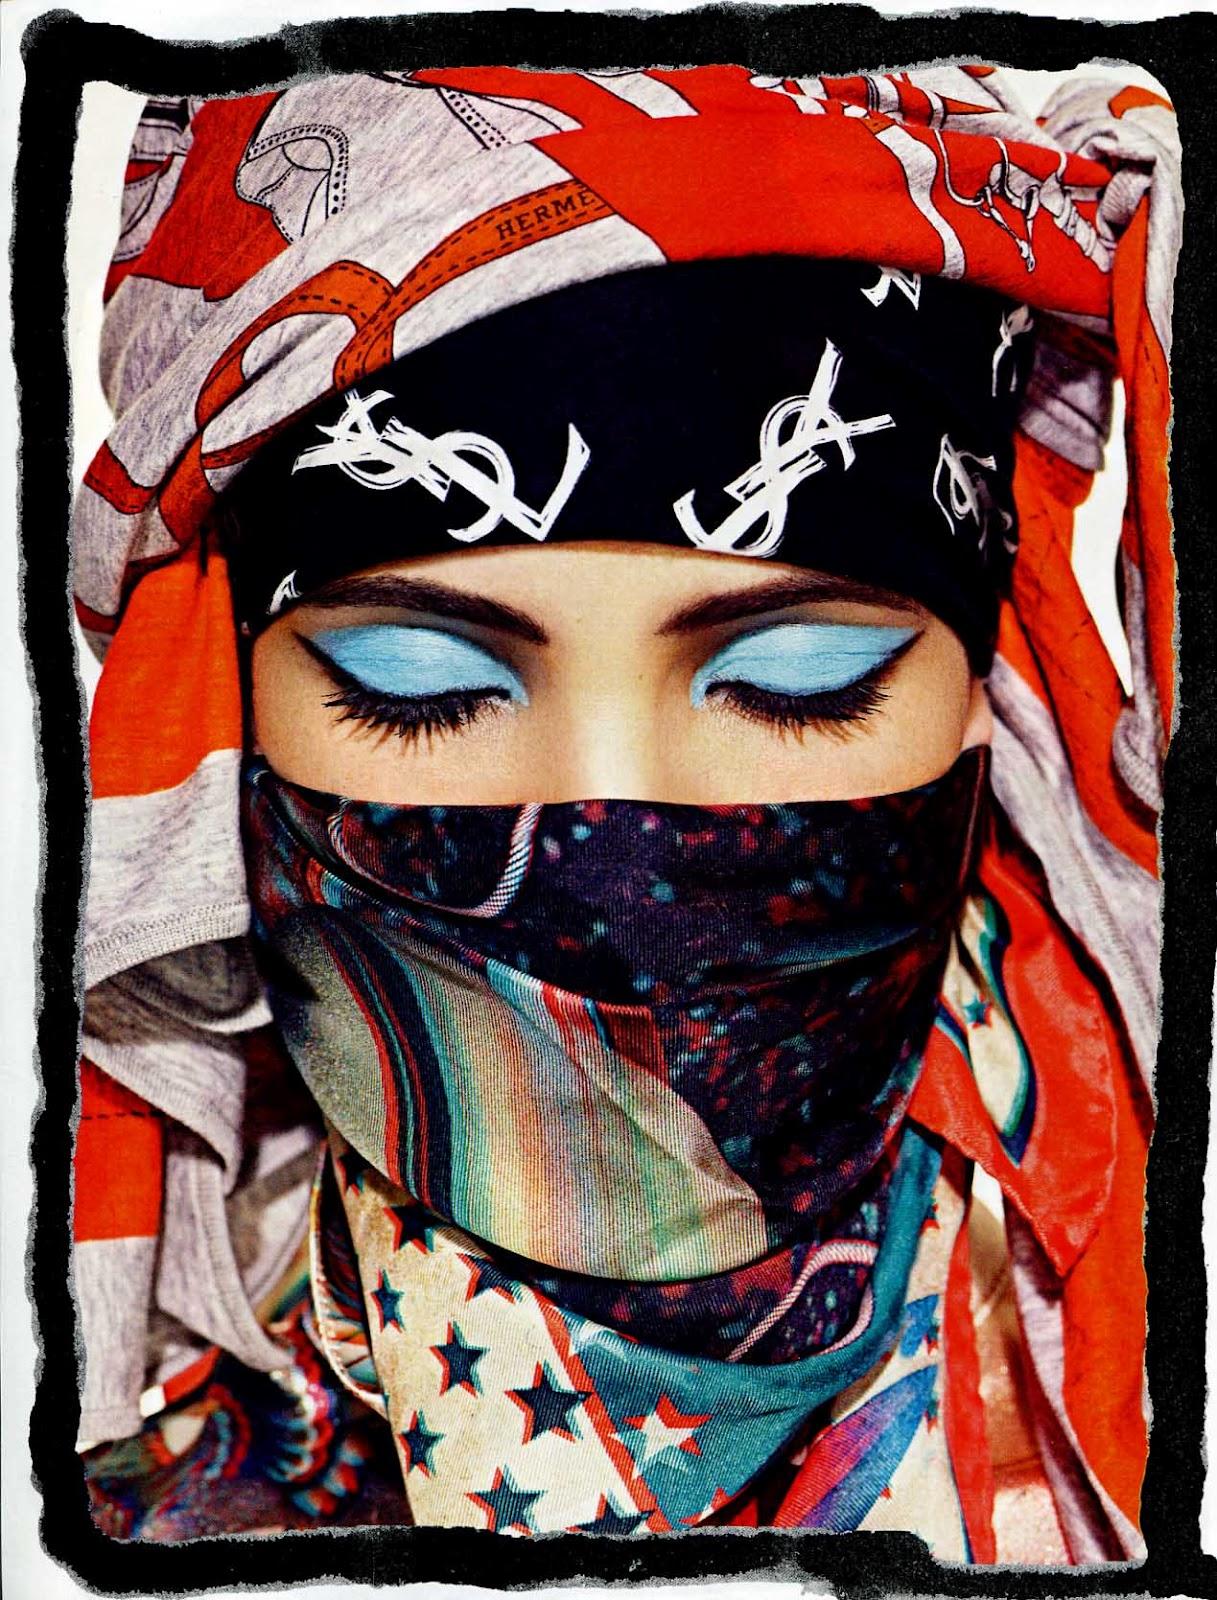 http://2.bp.blogspot.com/-DKoIAYxhafI/T0YVX76UjjI/AAAAAAAAcvY/RWtCXLjP0f8/s1600/14.jpg